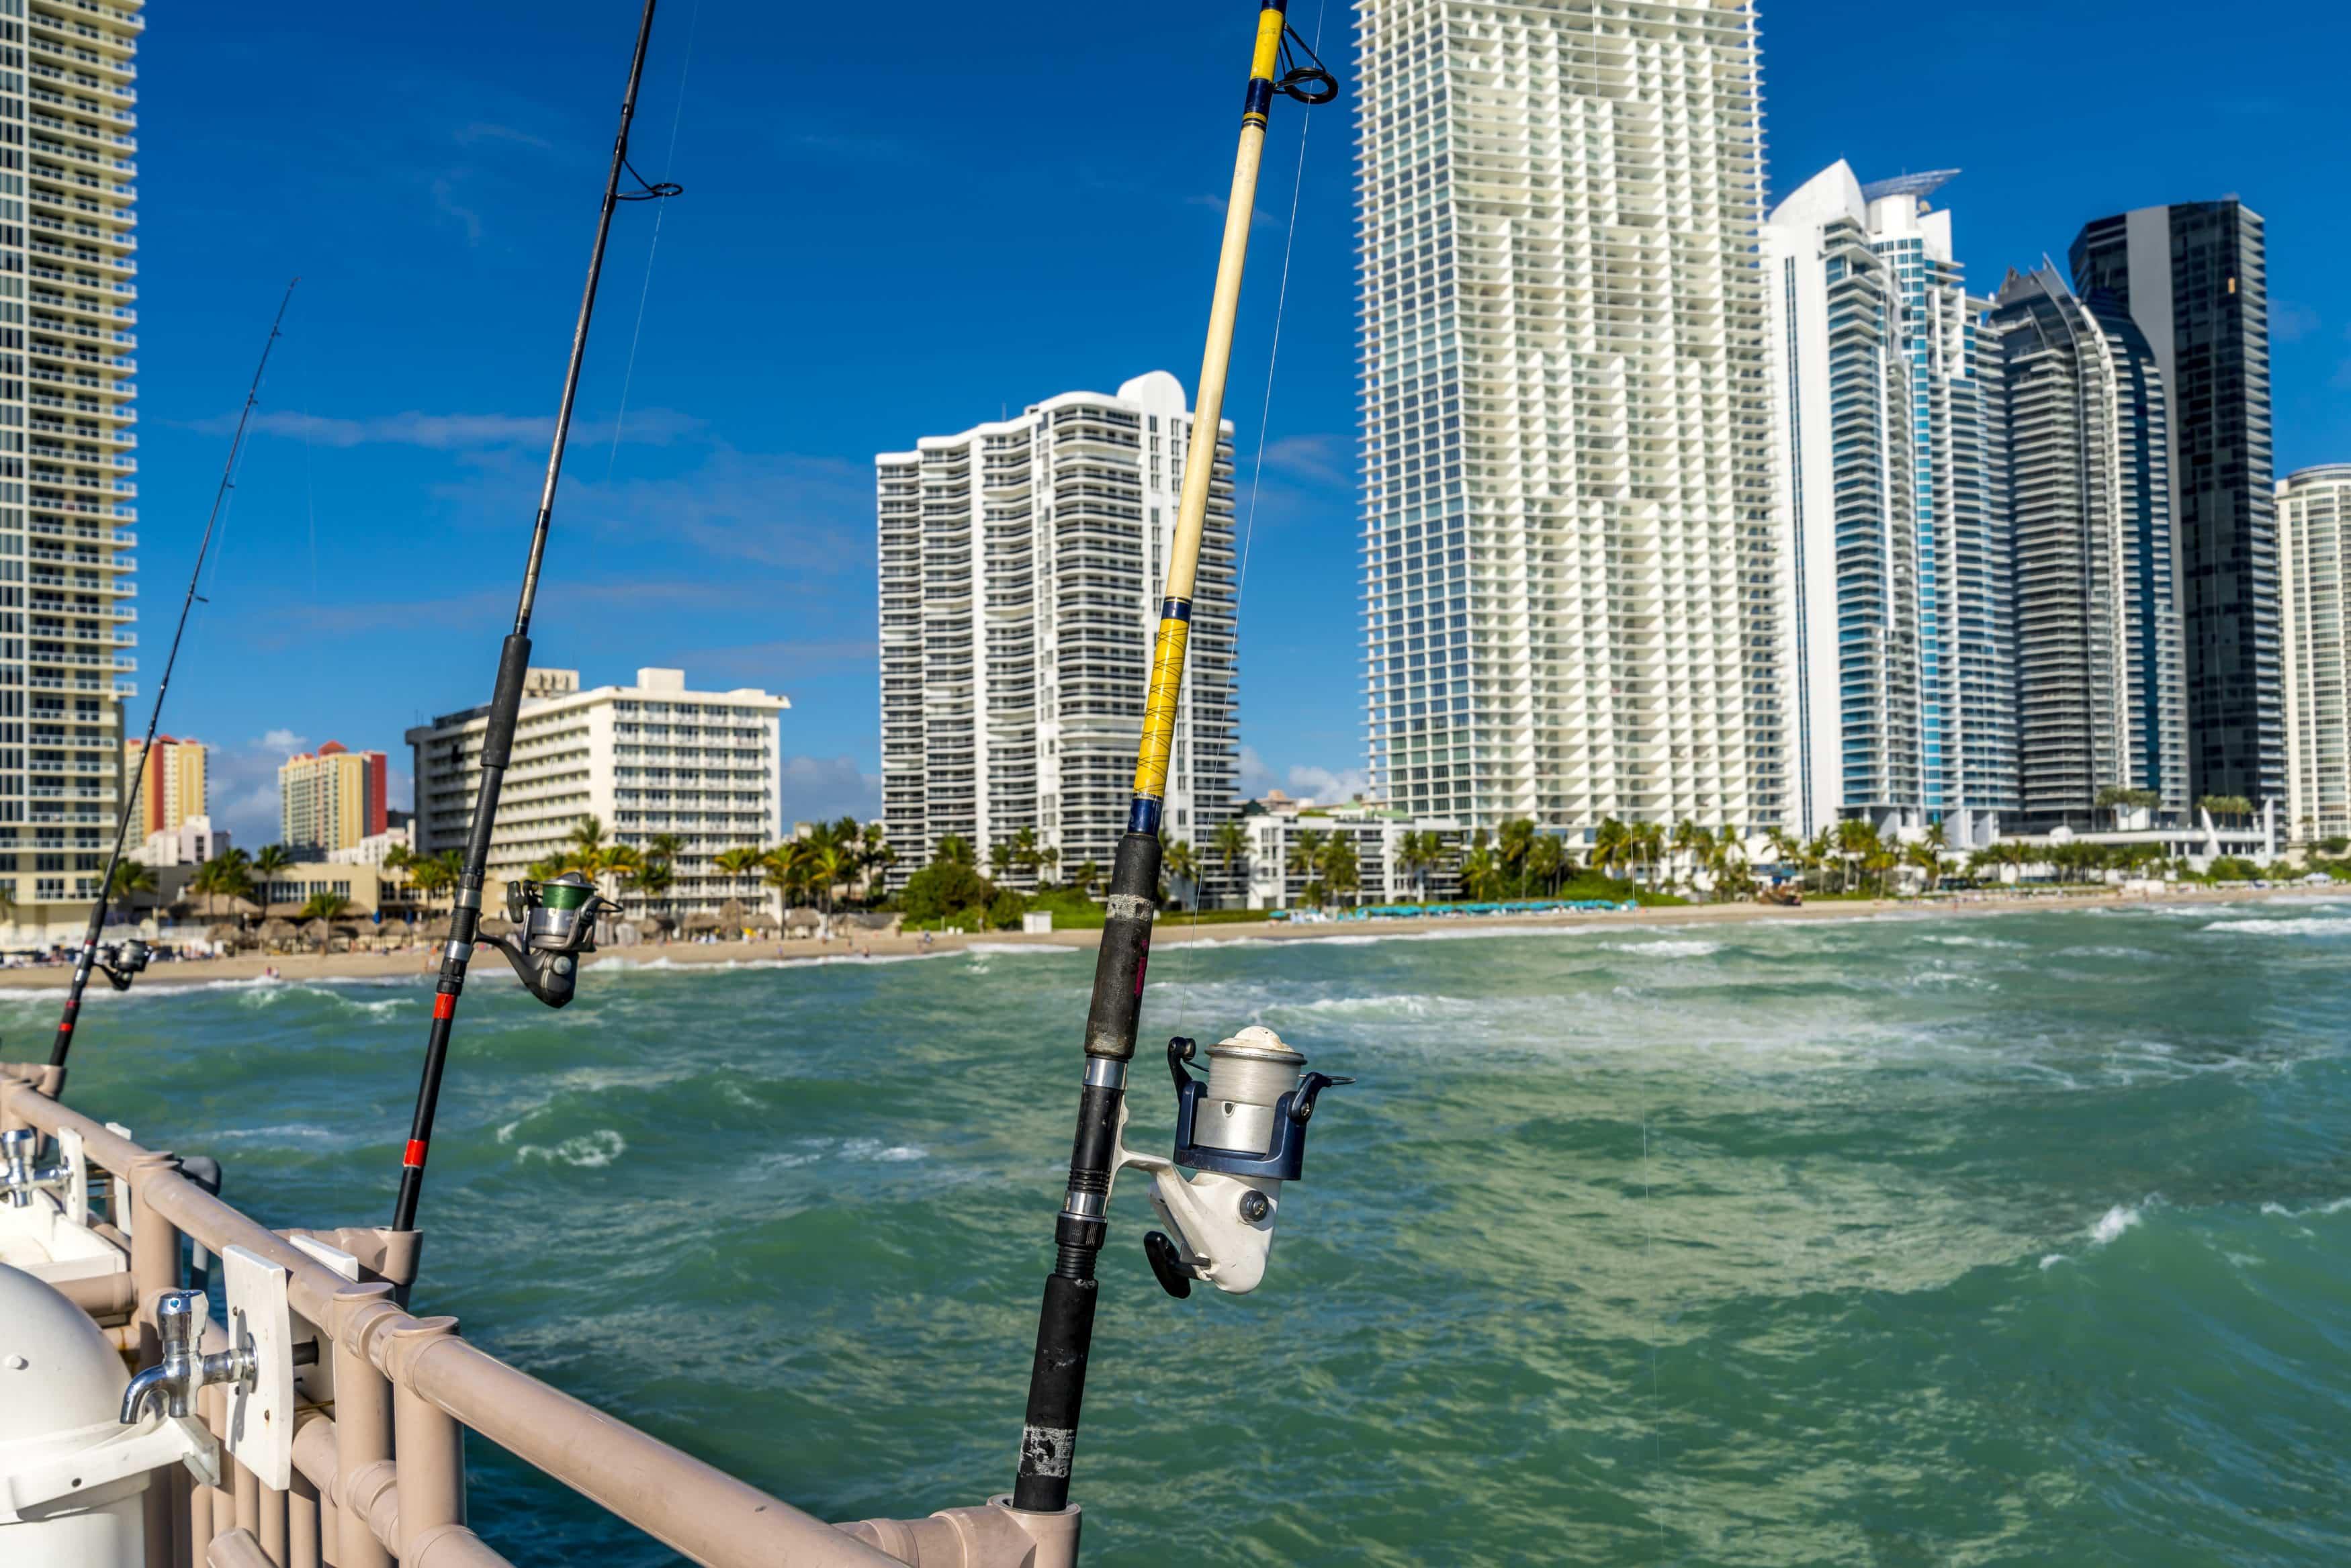 SPORT-FISHING-3500x2335.jpeg